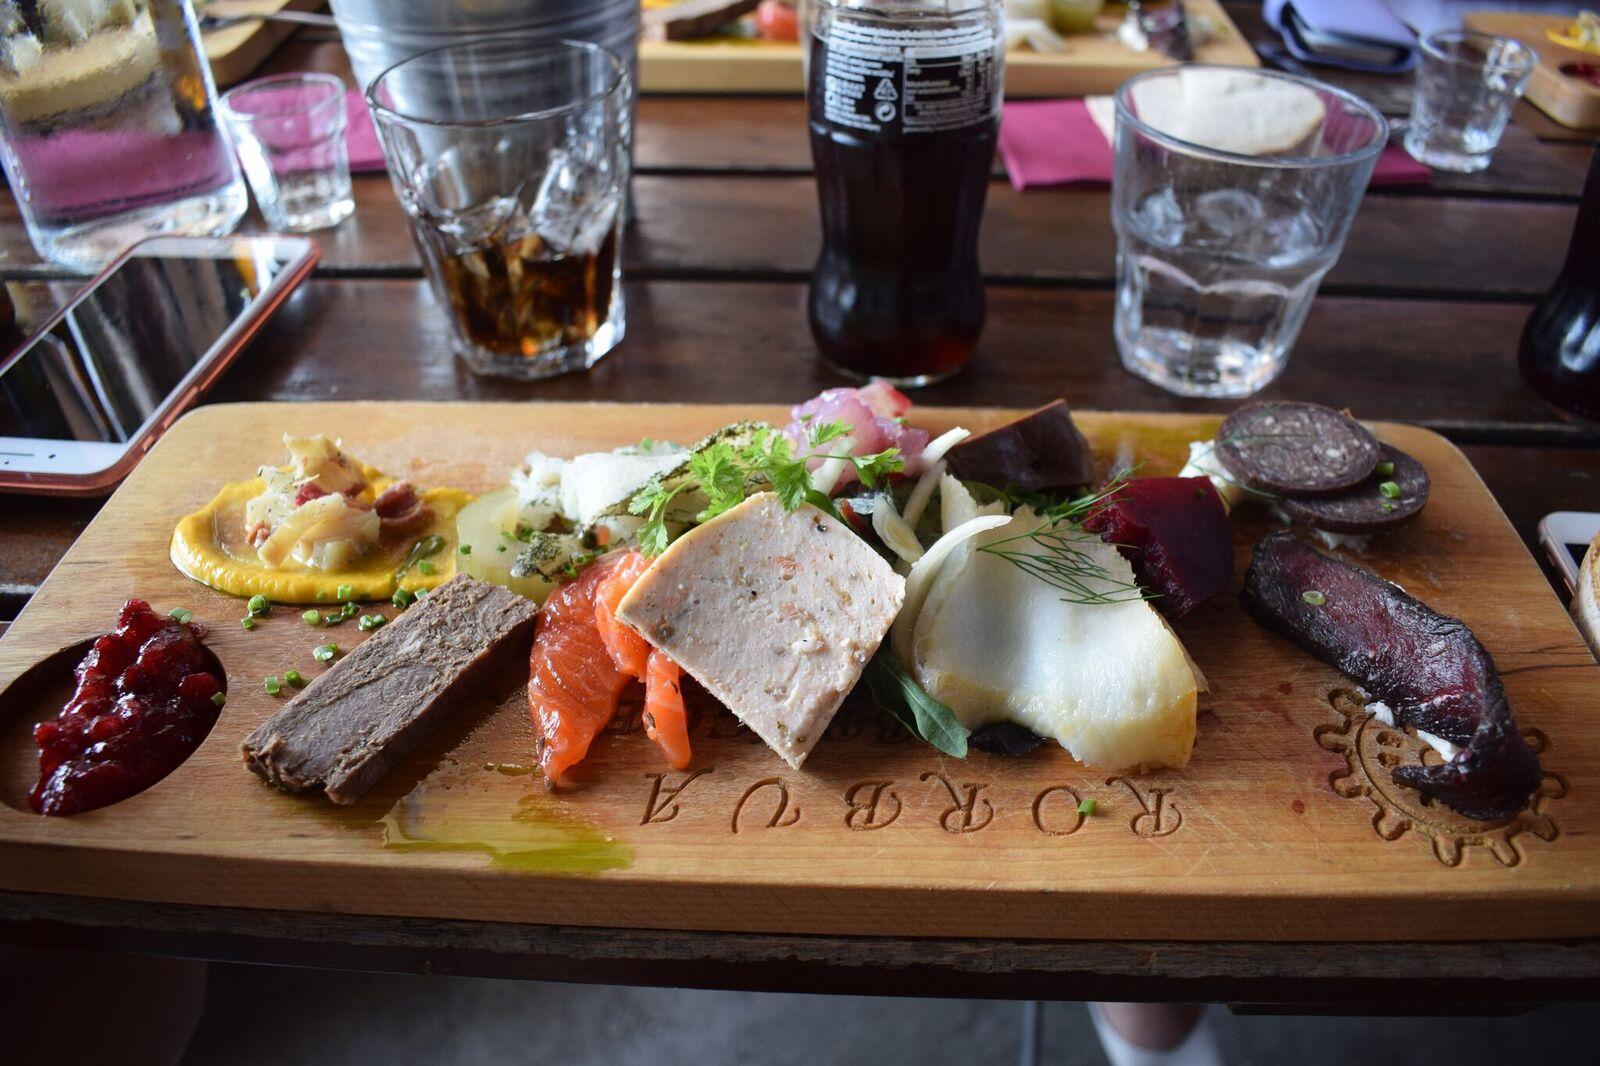 På bryggekanten får vi smake på nordnorske delikatesser. Ingen tvil om at det finnes mye matinspirasjon å hente her.